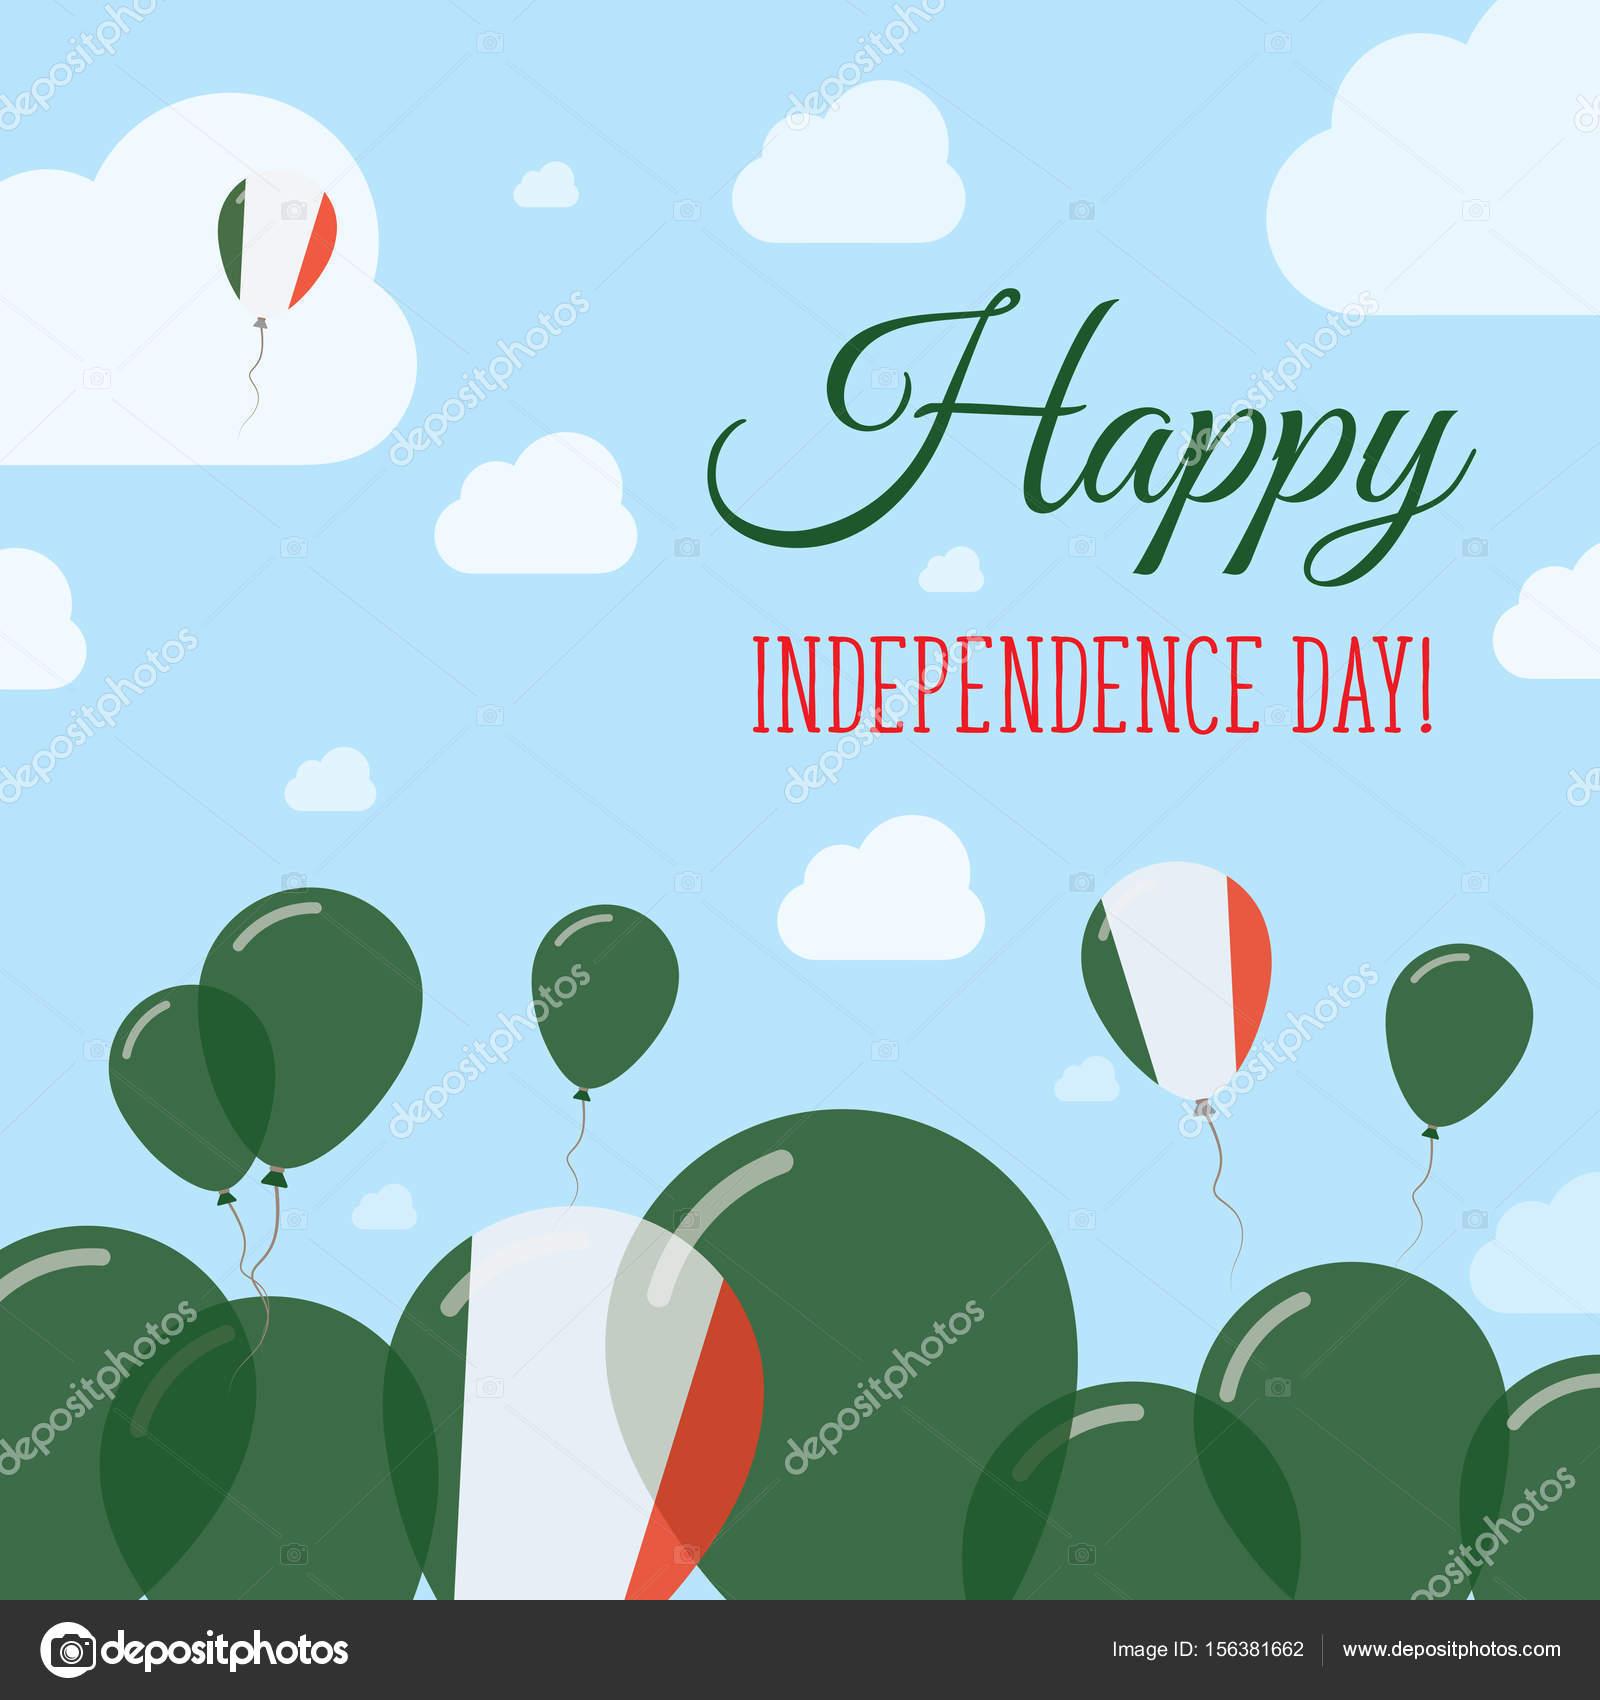 Carte Bonne Fete En Italien.Carte De Vecteur Italie Fete De L Independance Design Plat